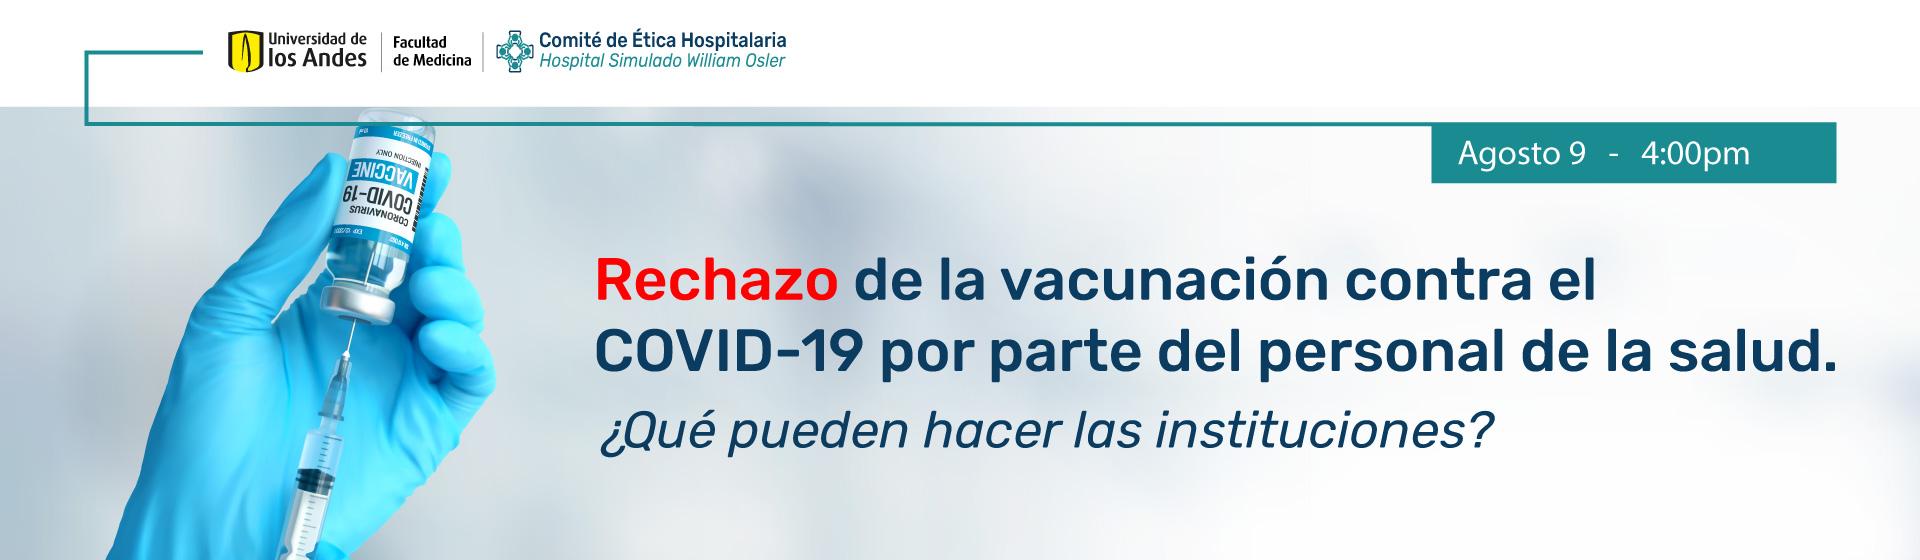 Rechazo de la vacunación contra el COVID-19 por parte del personal de la salud.